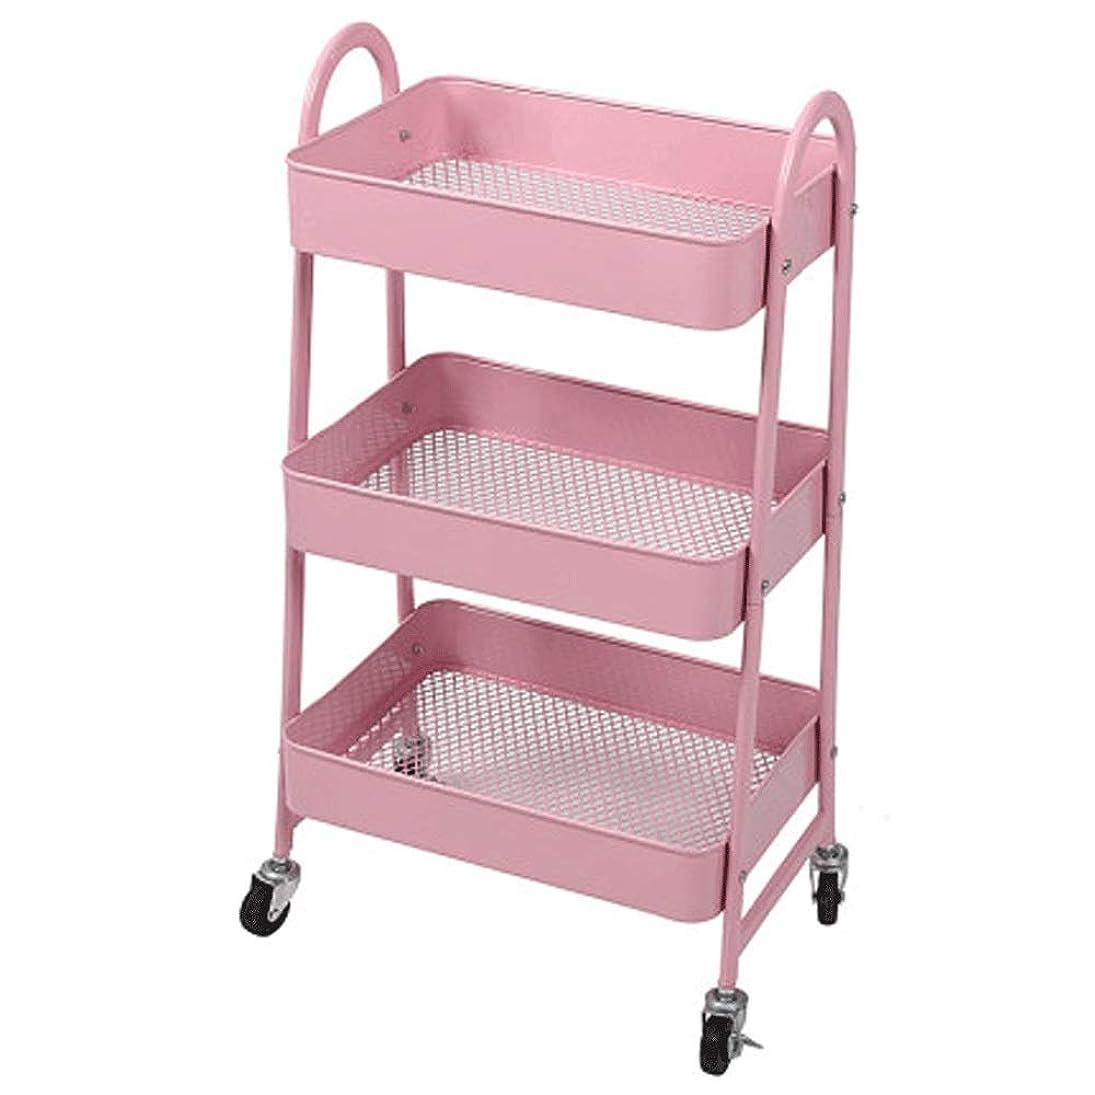 スワップ出会い外側JJSFJH 大規模なストレージ?金属ホイールのためにオフィス、キッチン、ベッドルーム、バスルーム、キッチンモバイルプーリーストレージラック付き3ティアユーティリティローリングカート (Color : Pink)